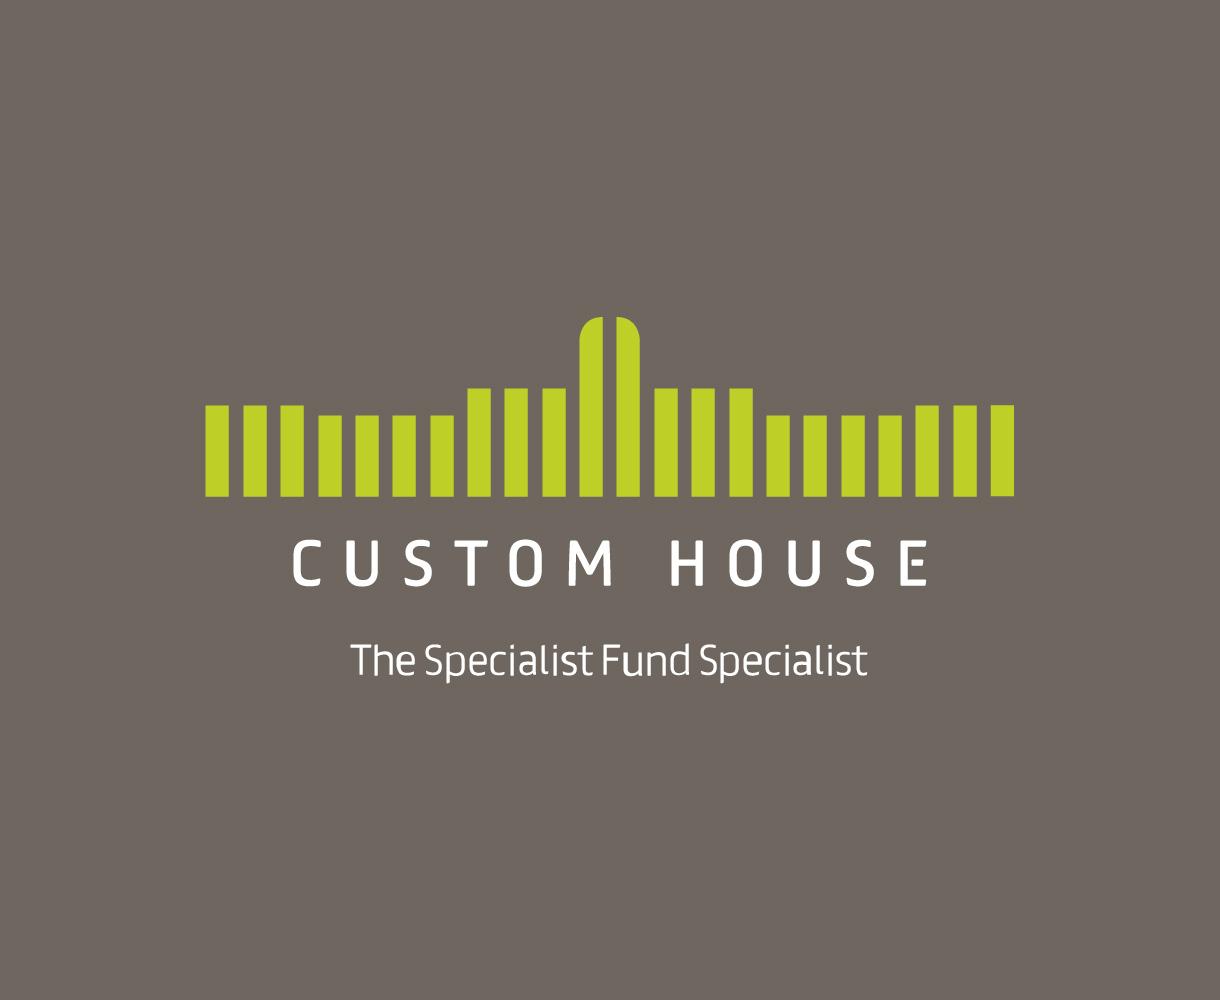 Principle brand agency Dublin Custom House Group Branding project brandmark logo